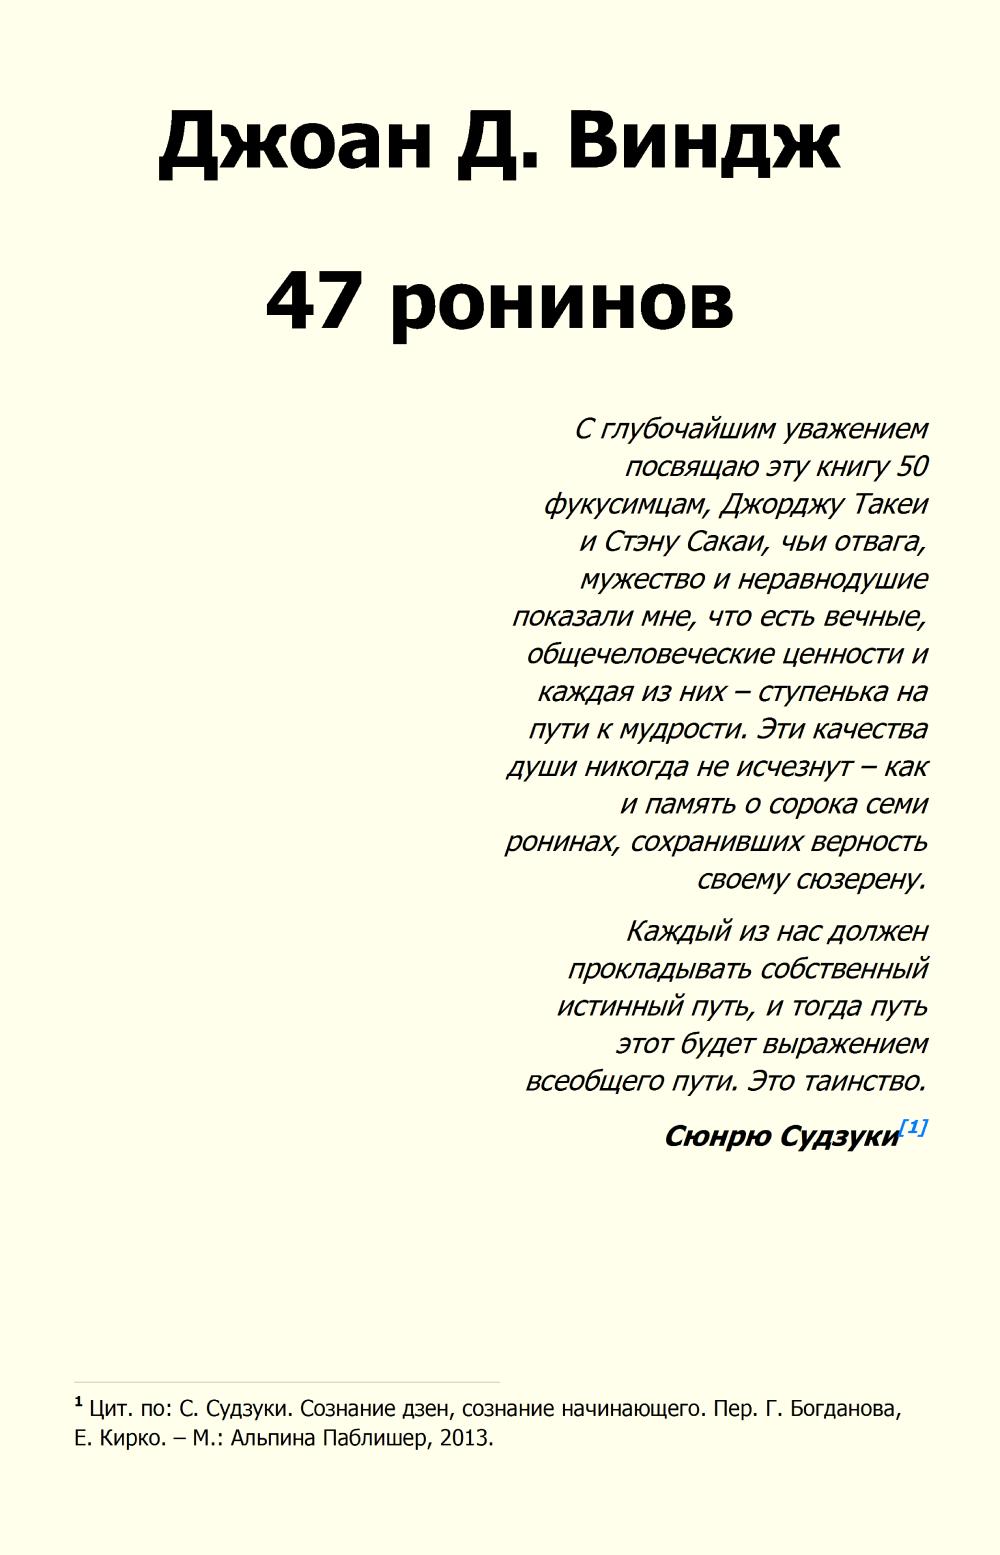 http://i1.imageban.ru/out/2014/01/14/860a031821909537ae0bd45b0b7086da.jpg